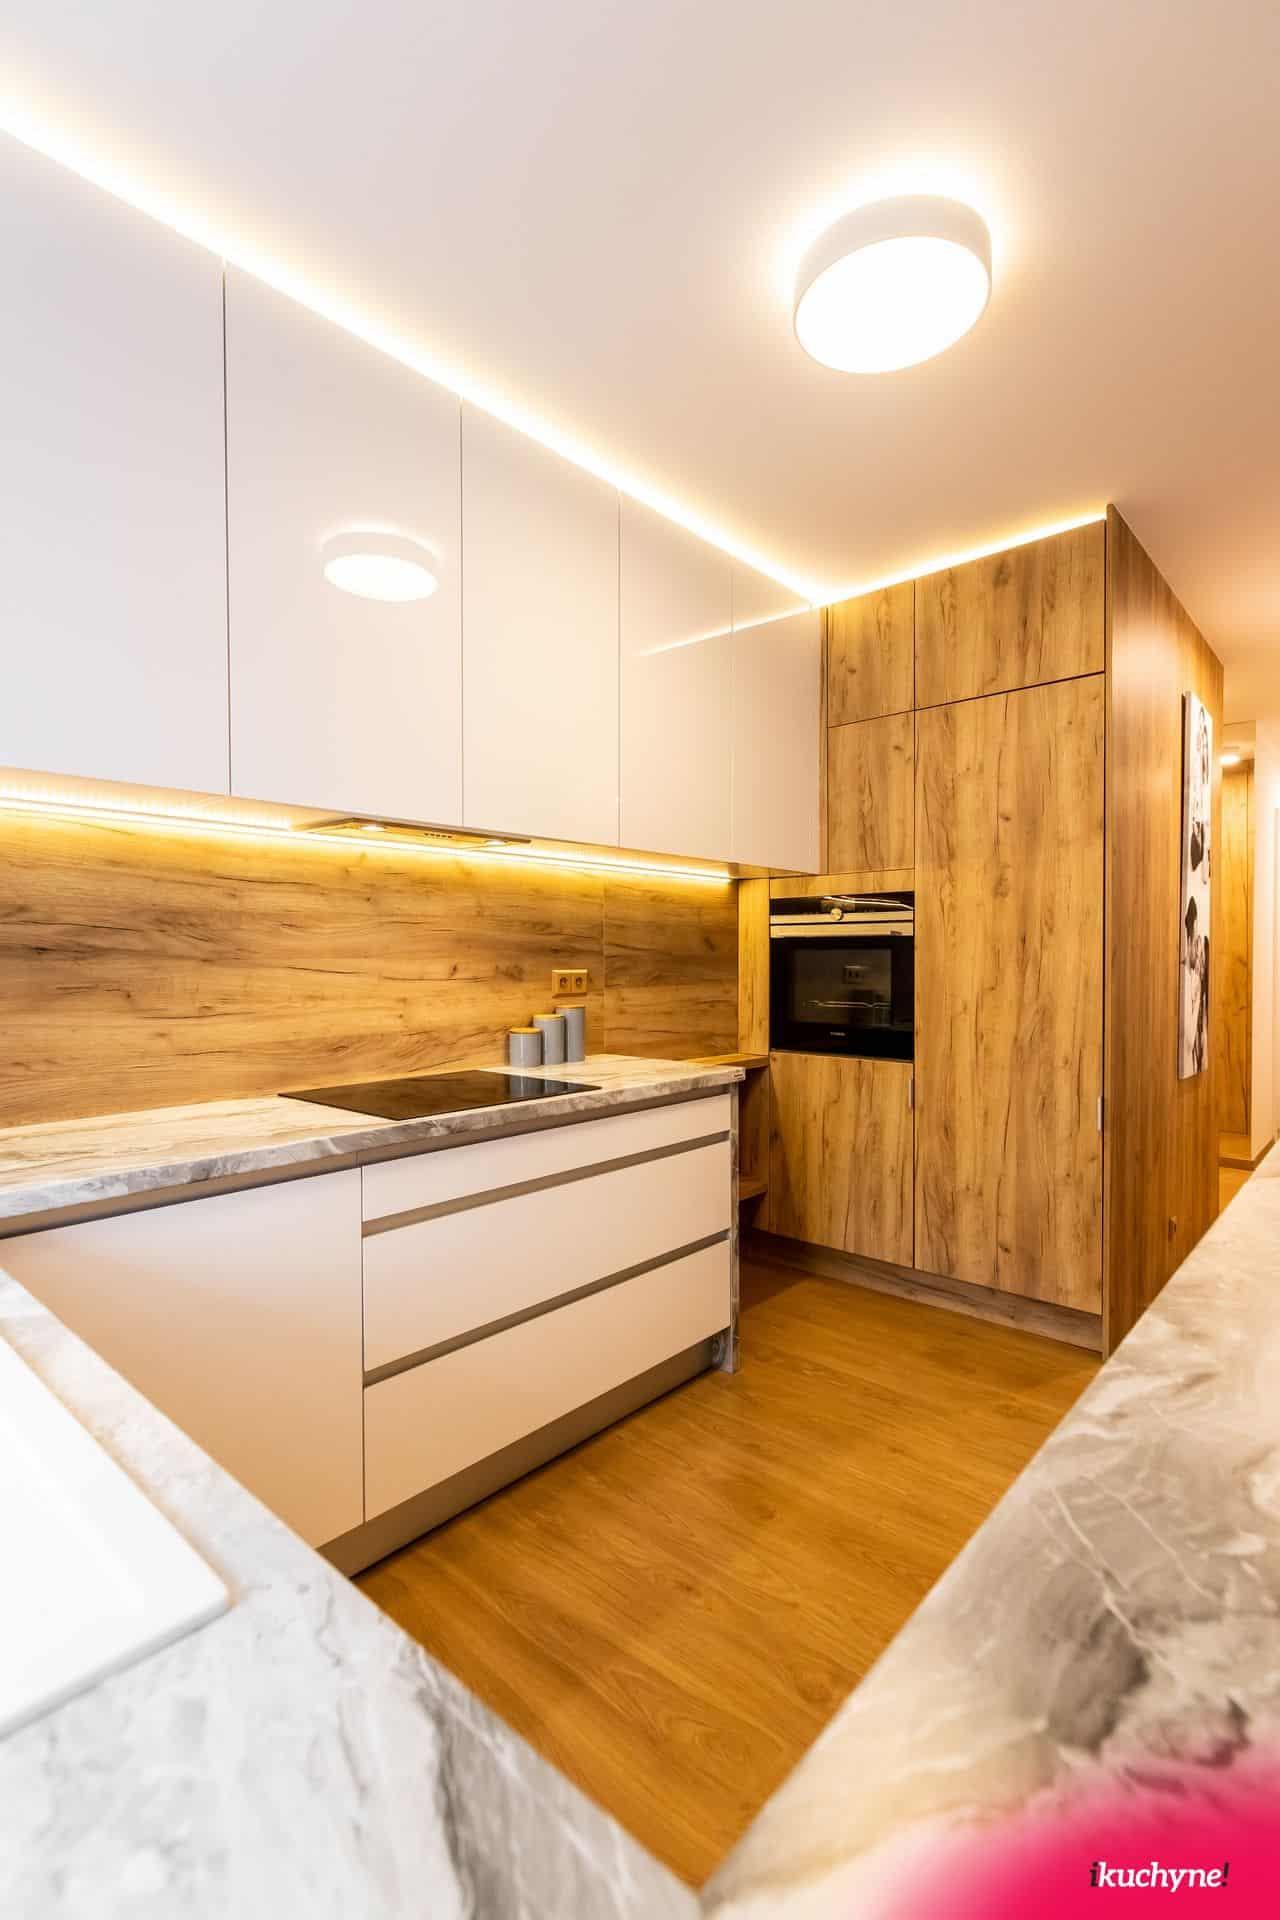 Biela kuchyna 5